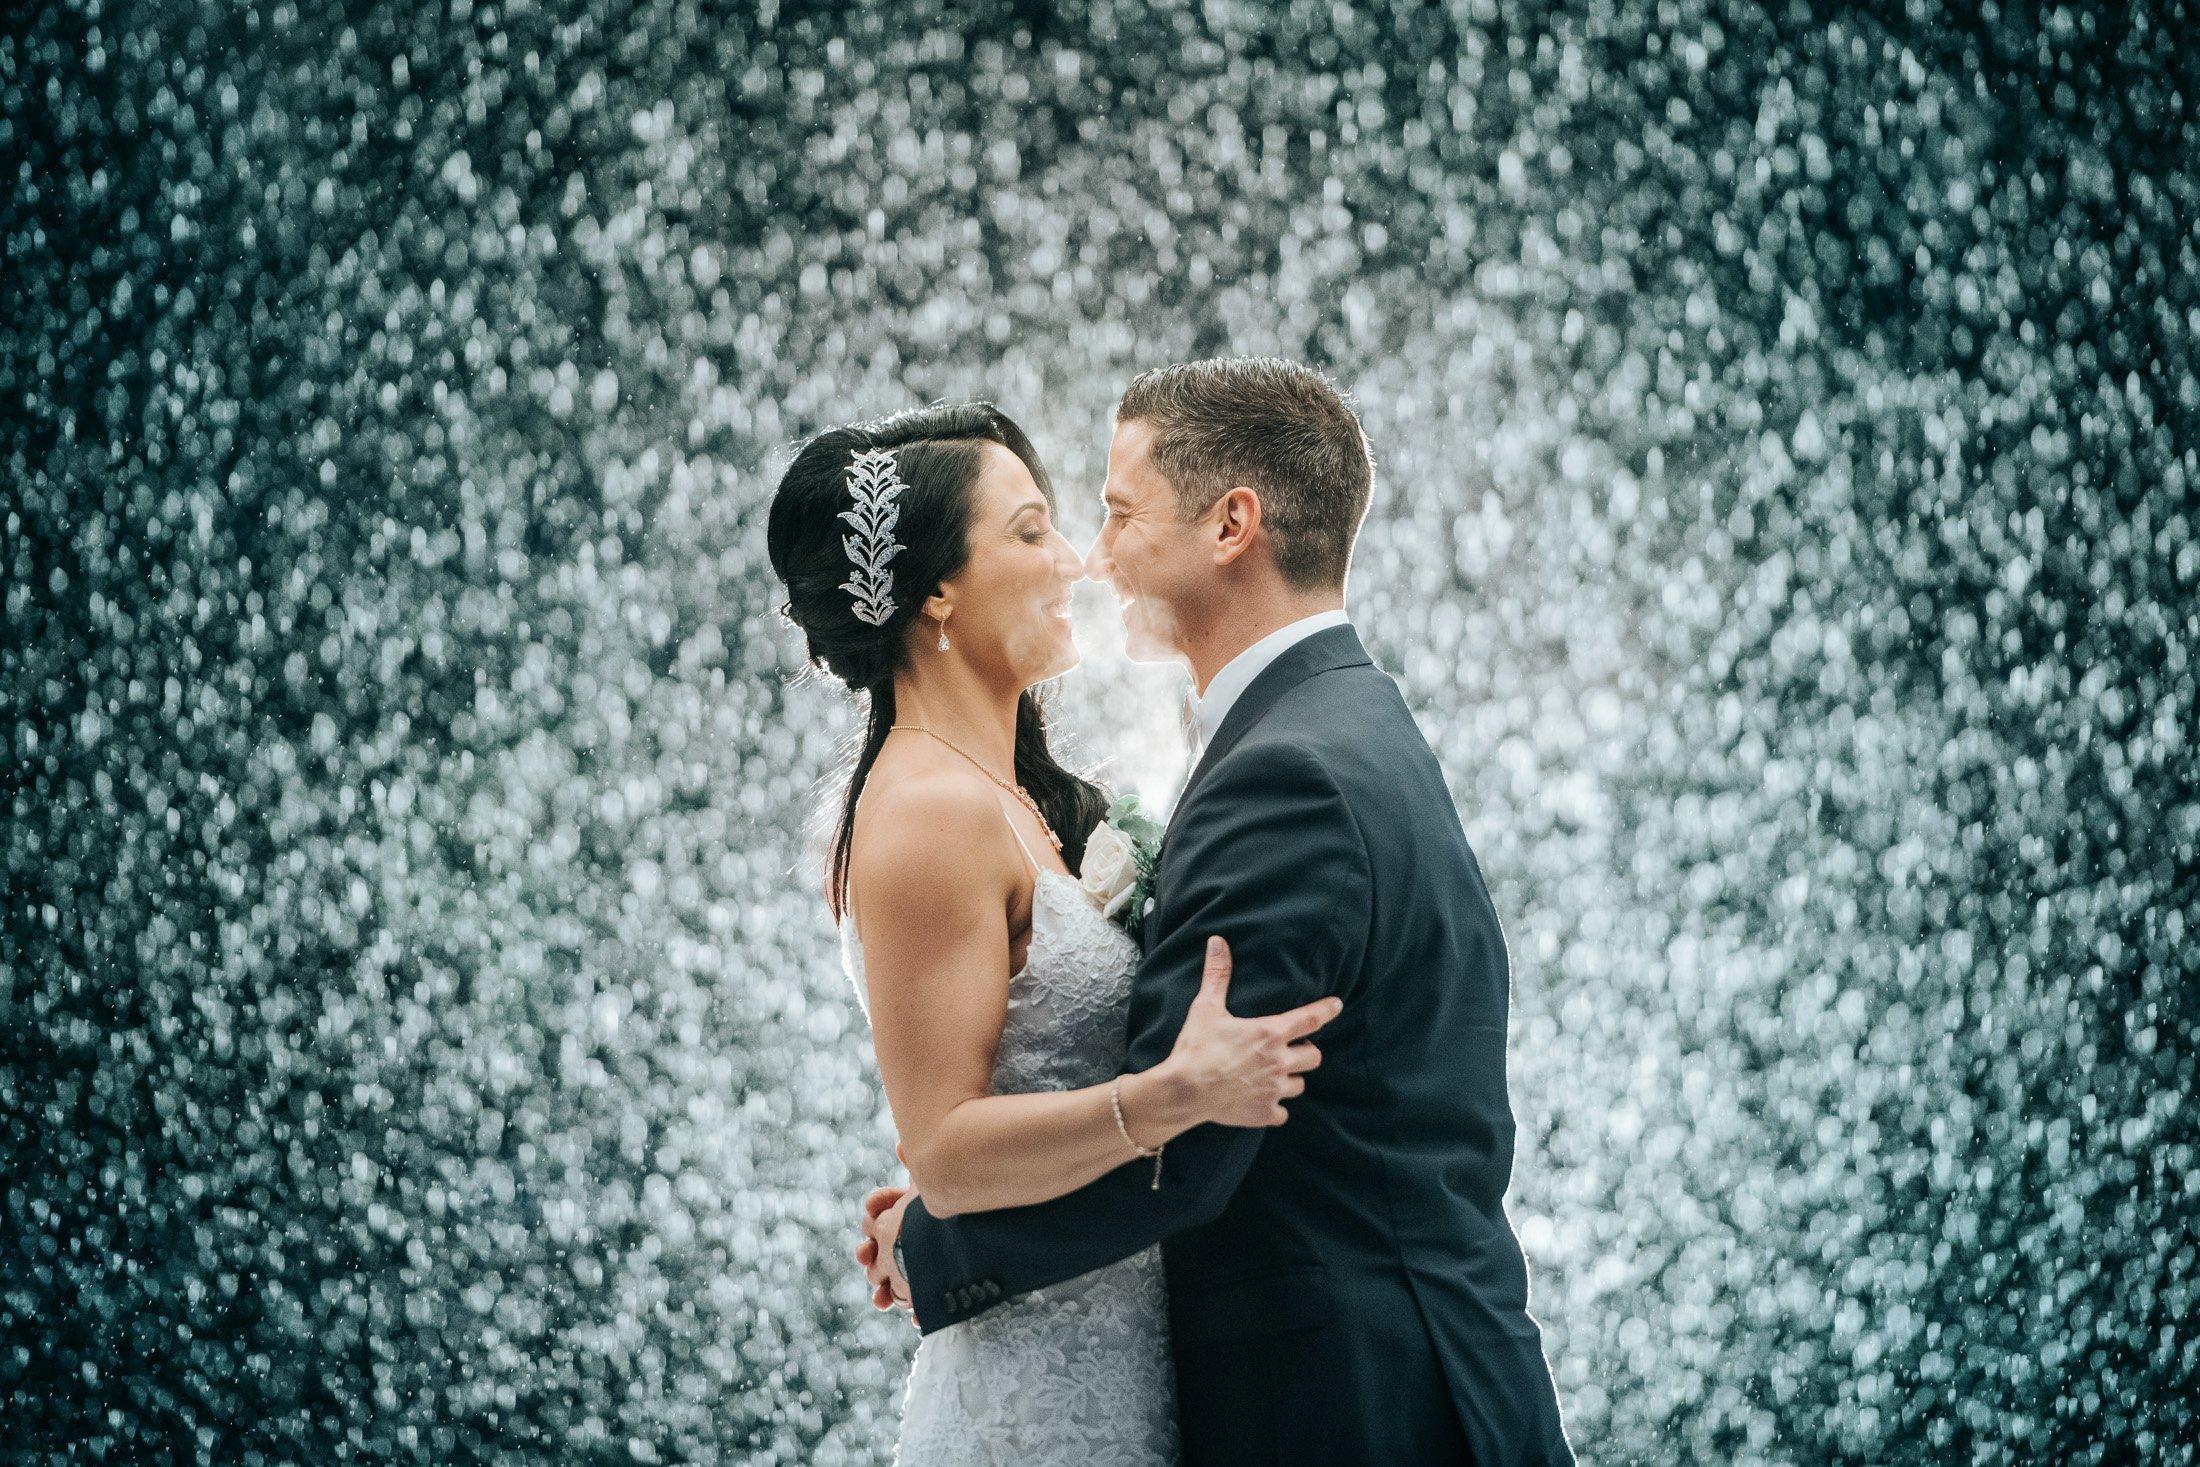 069 - west coast wedding photography